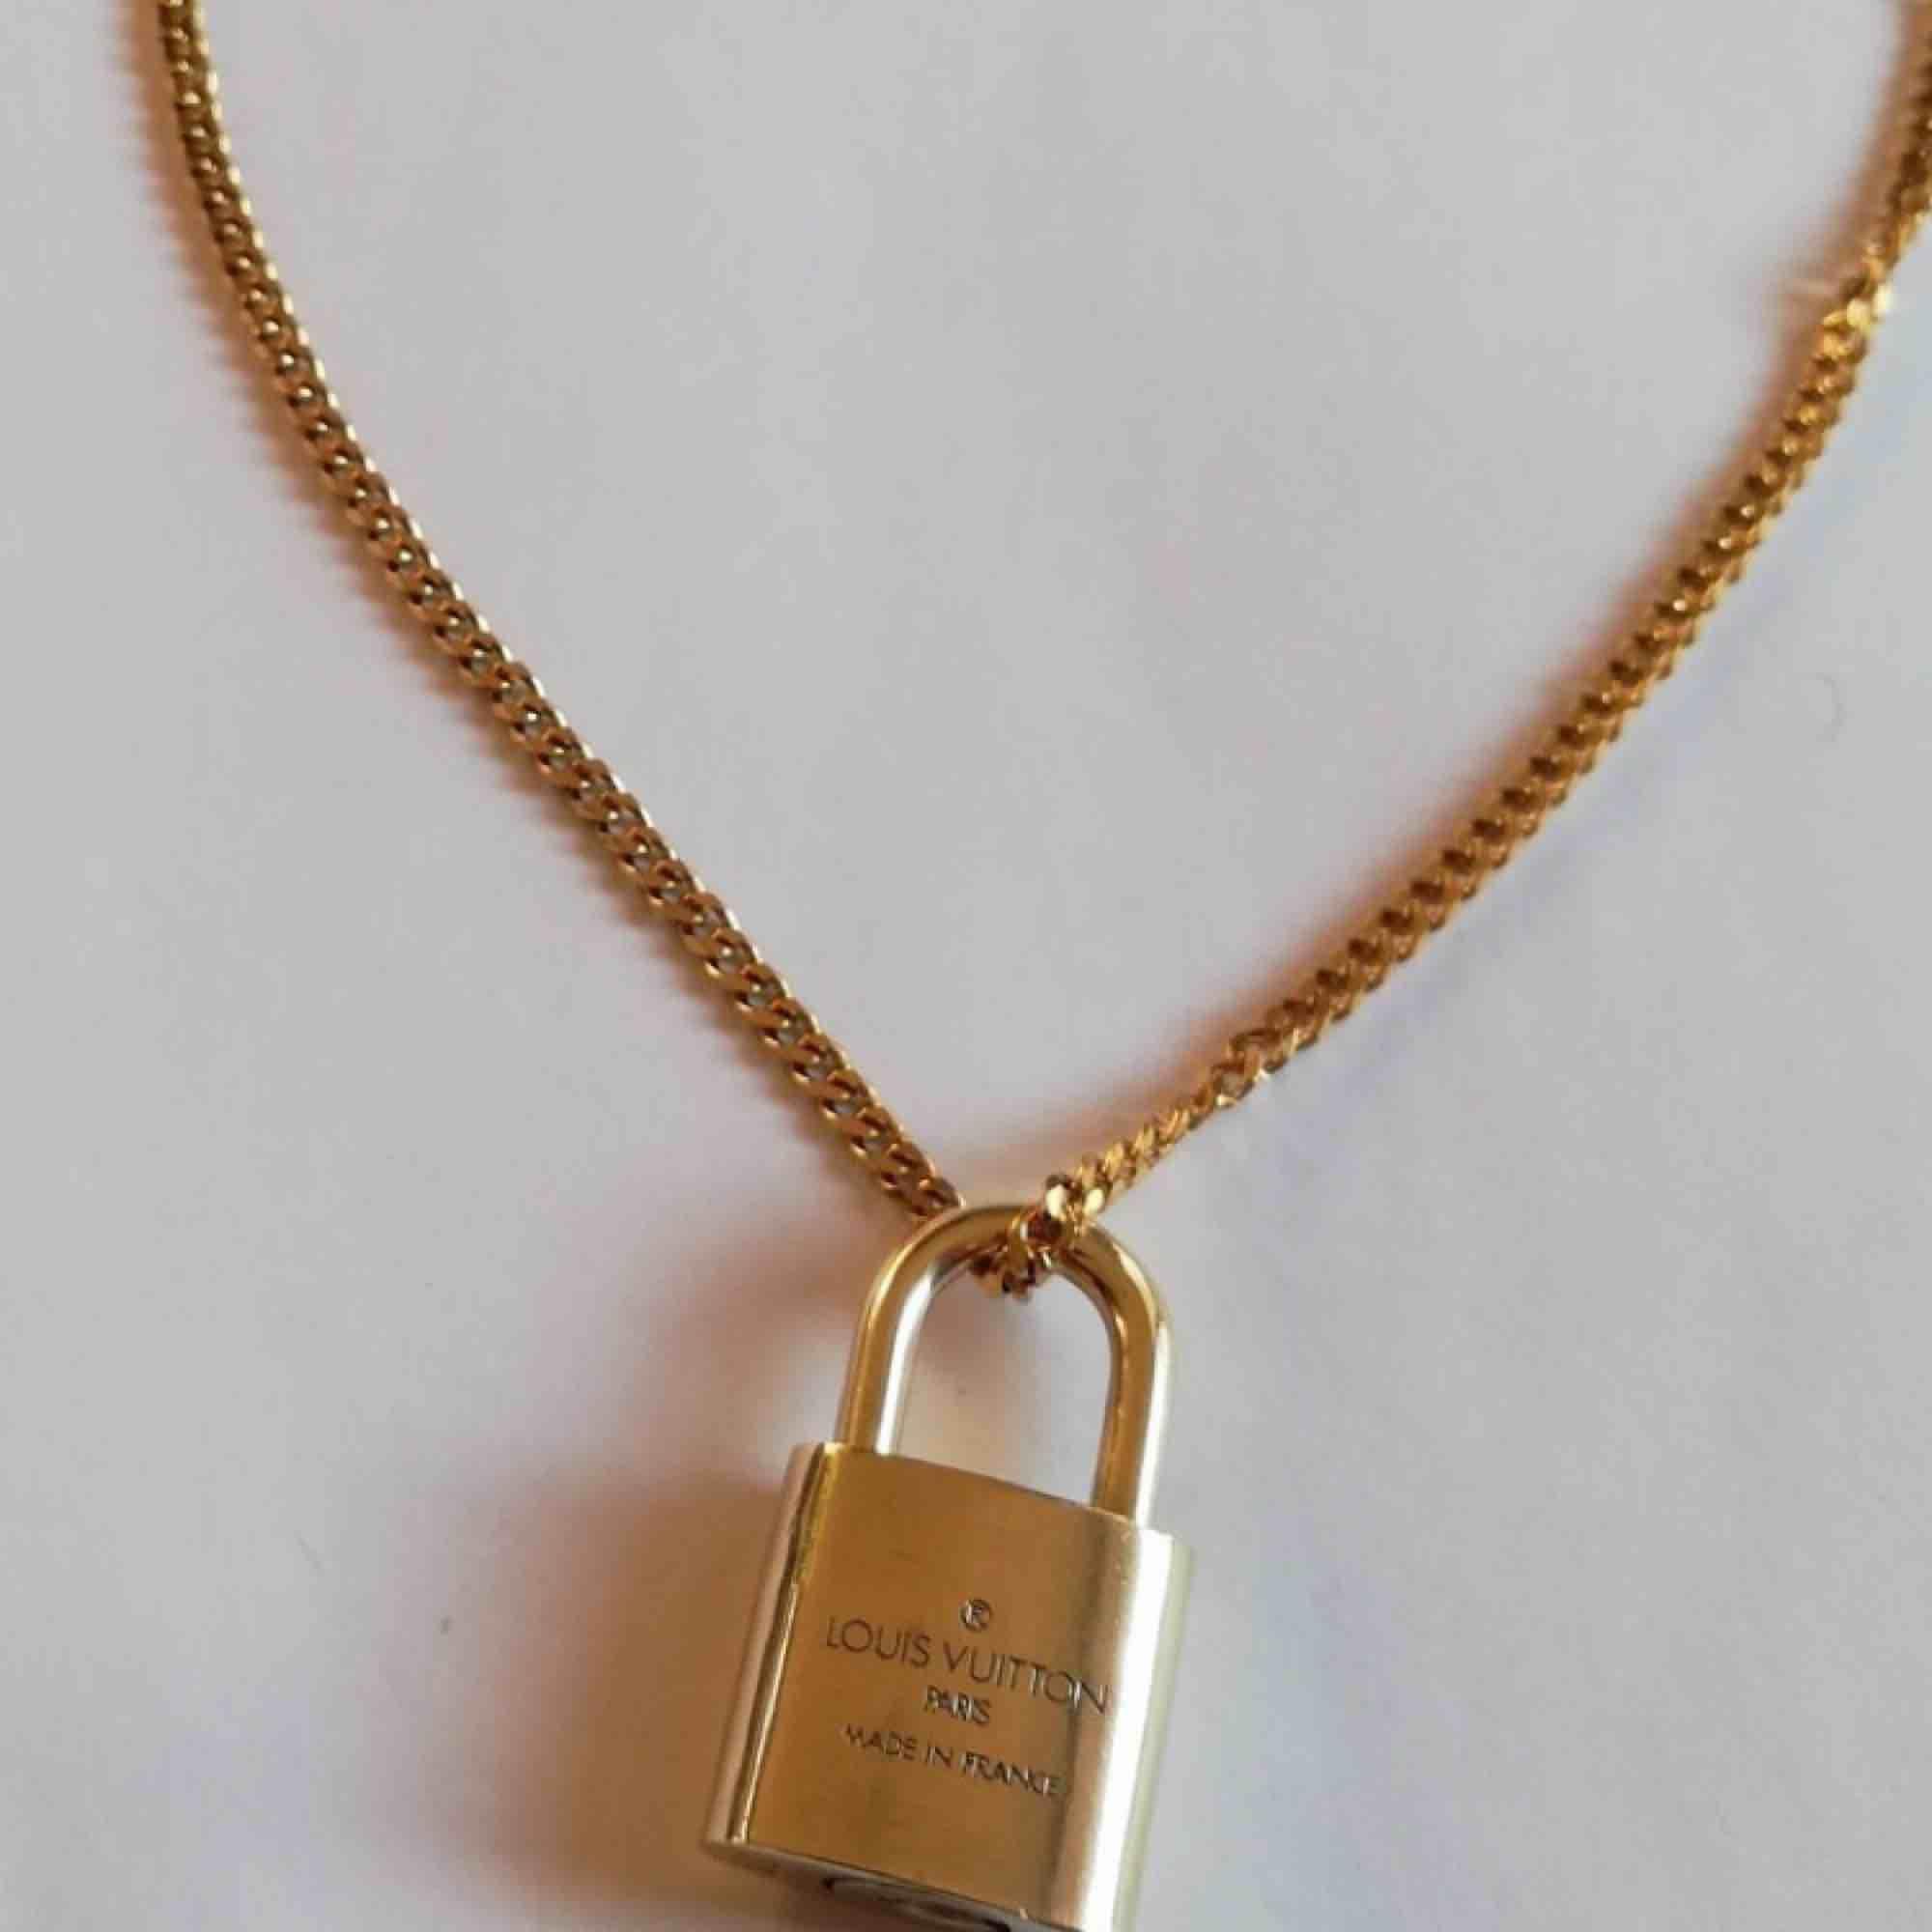 Louis vuitton lås till tex att ha på halsband (som på bilden). Accessoarer.